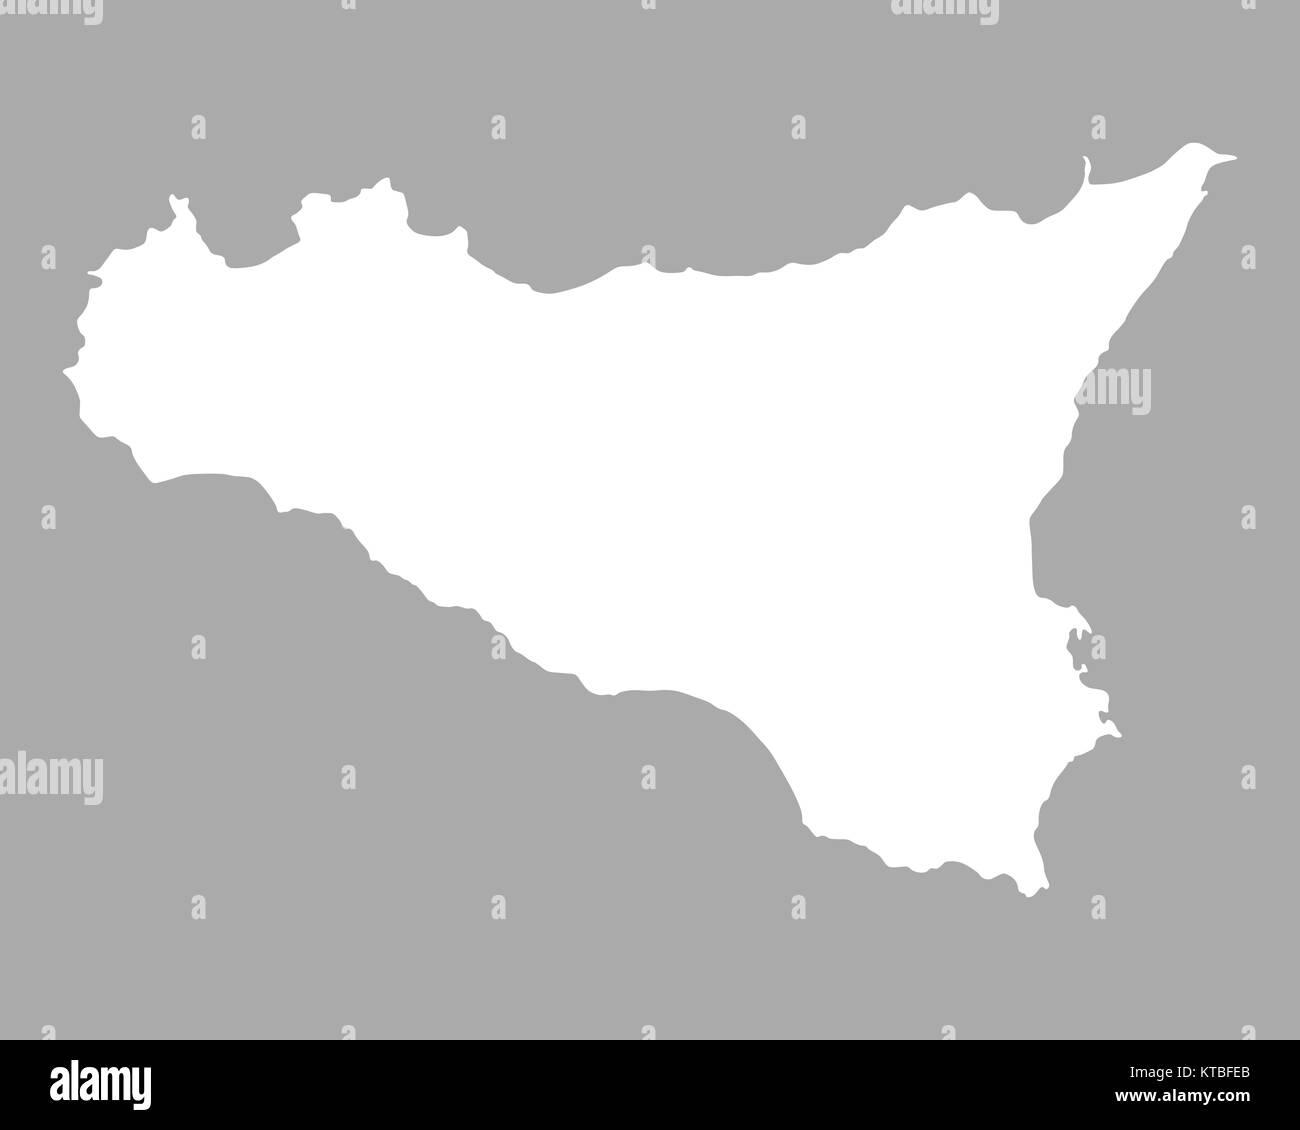 karte von sizilien Karte von Sizilien Stock Photo: 169898691   Alamy karte von sizilien